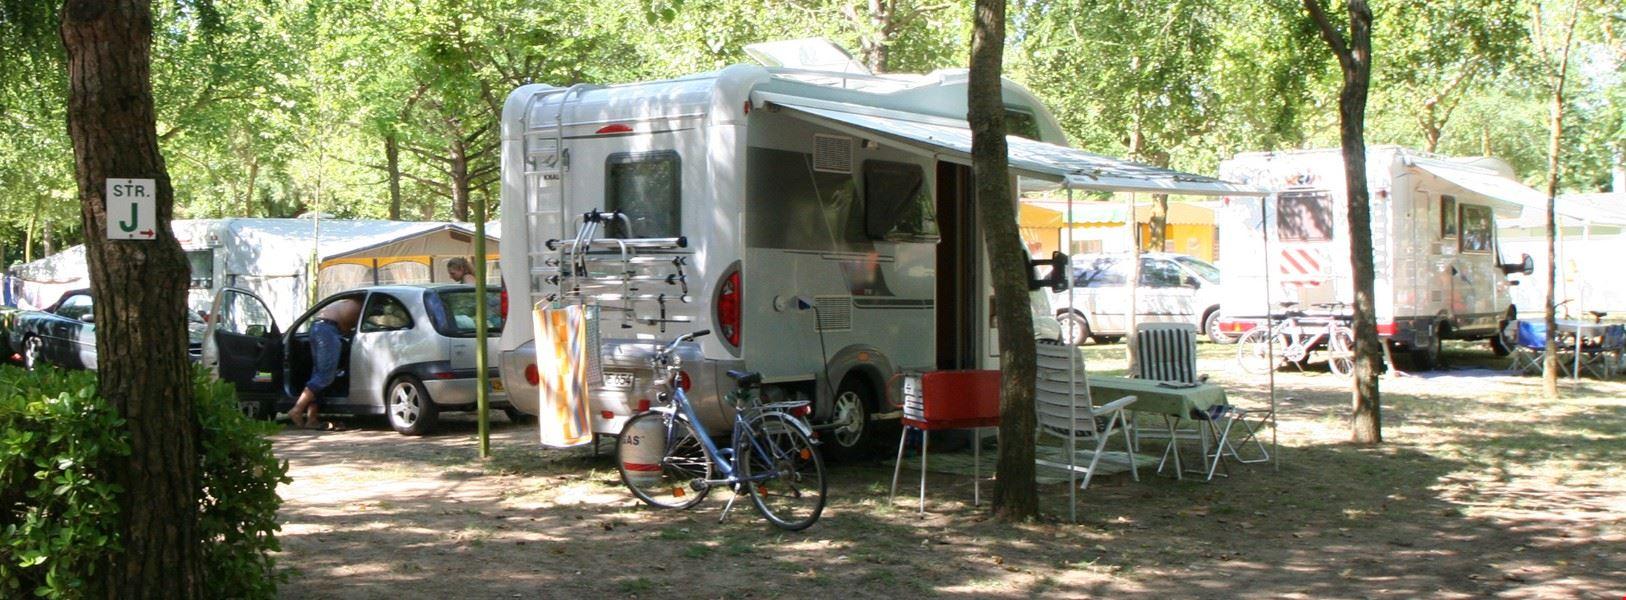 Camping a Cavallino Treporti